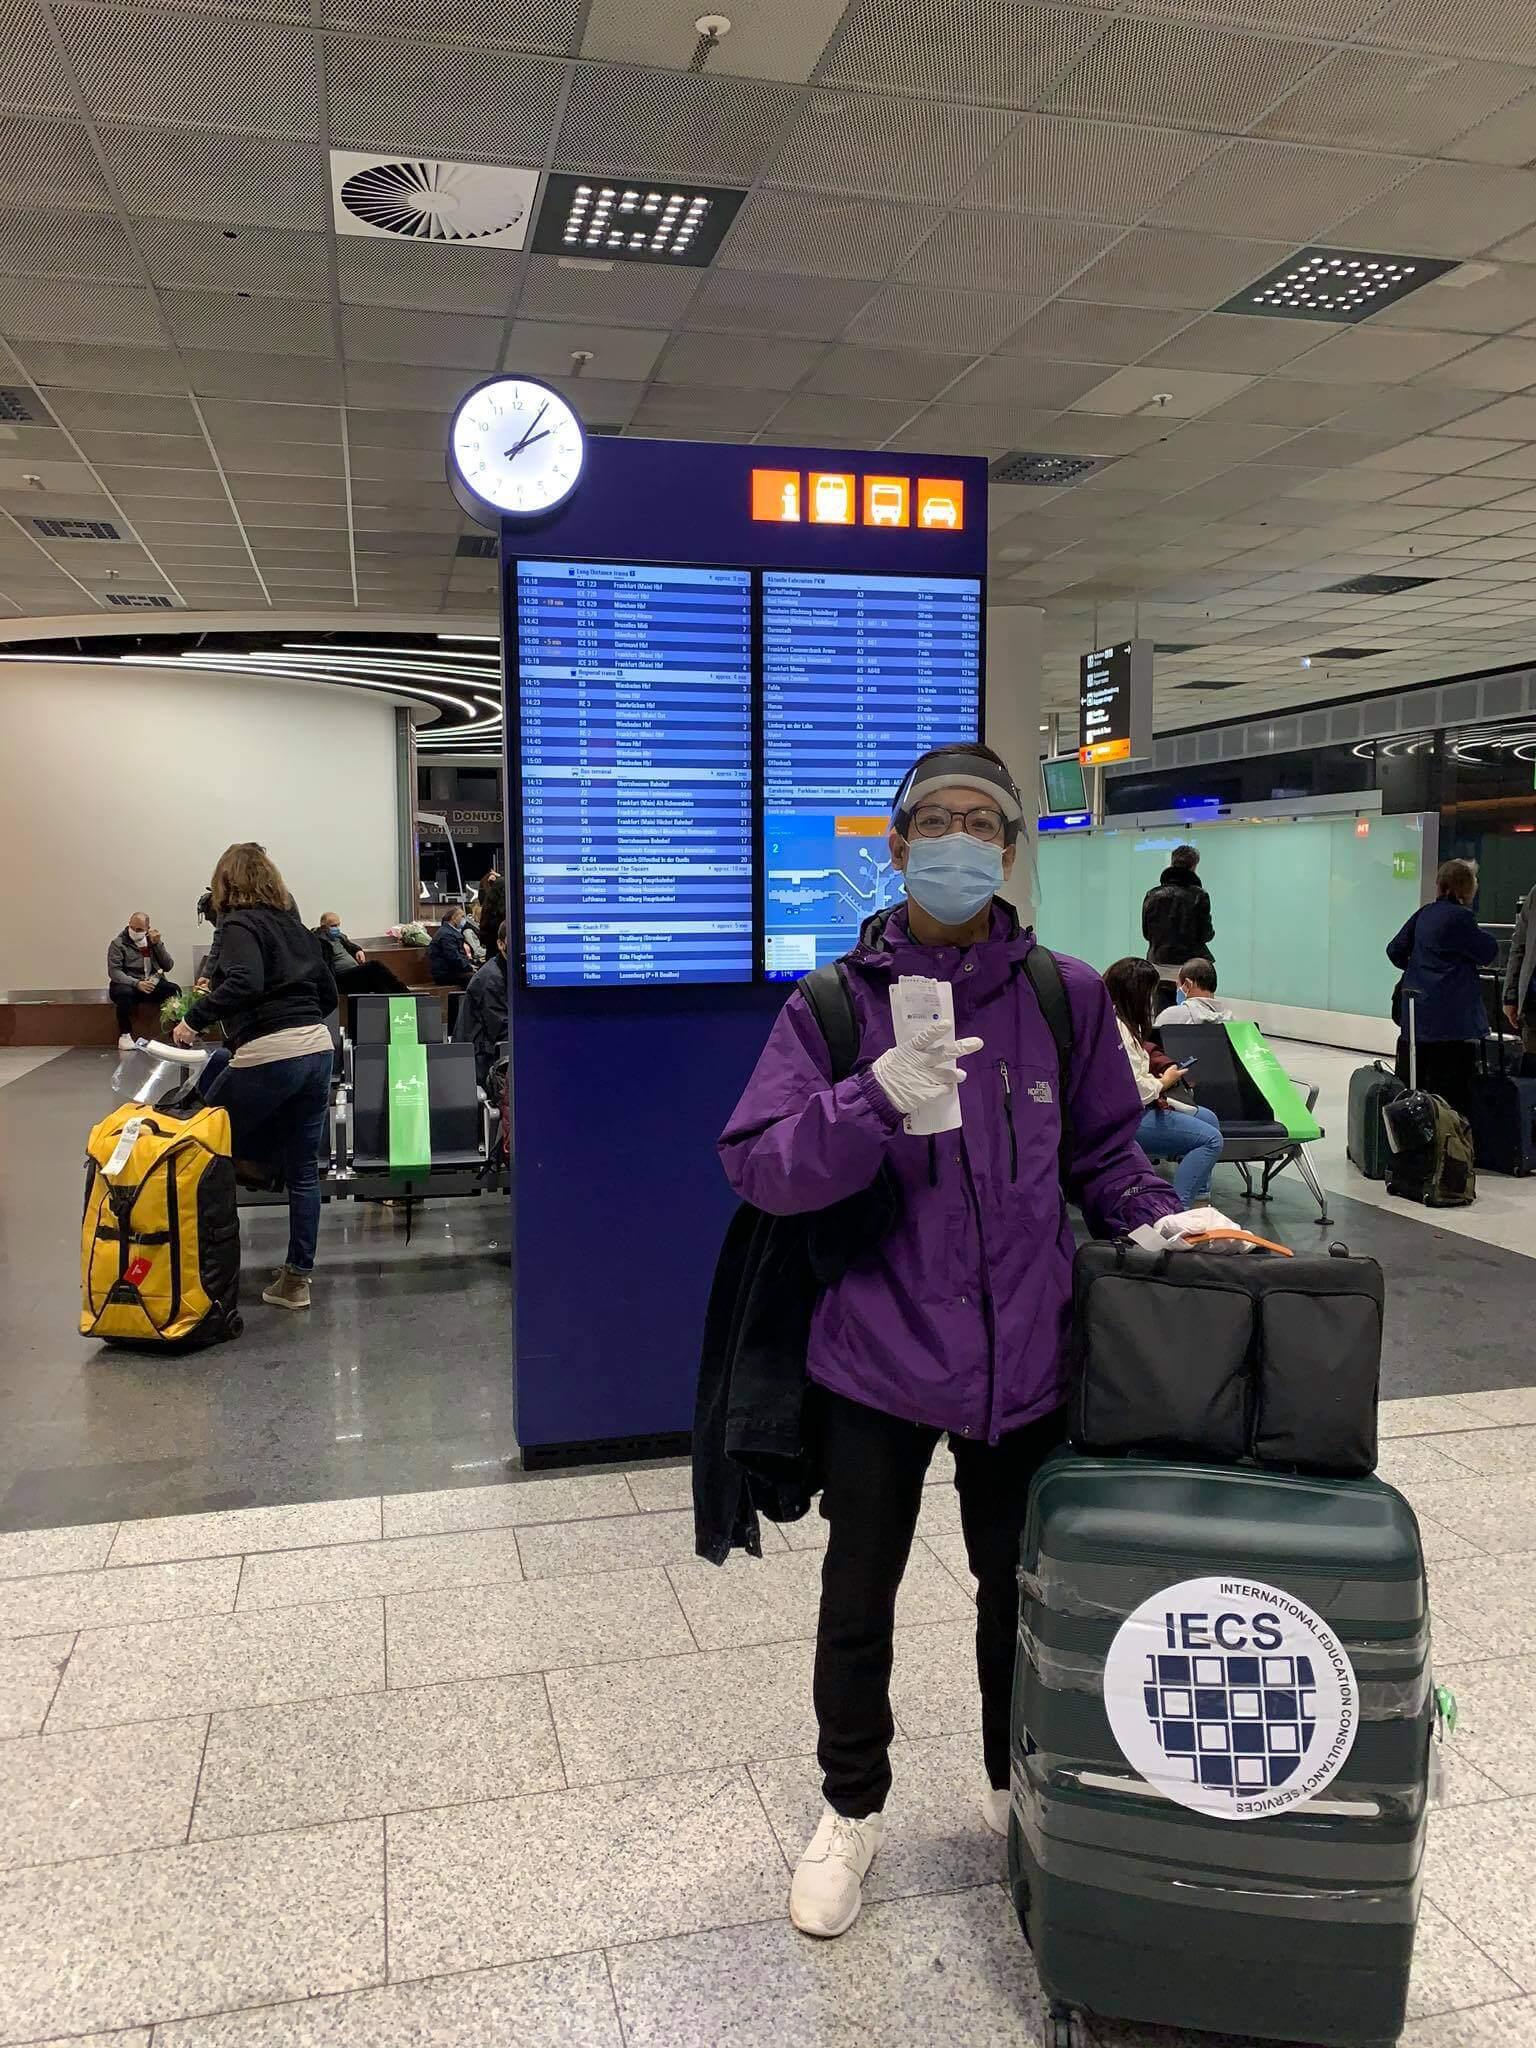 Sân bay Frankfurt - đón học sinh của IECS thời covid 19